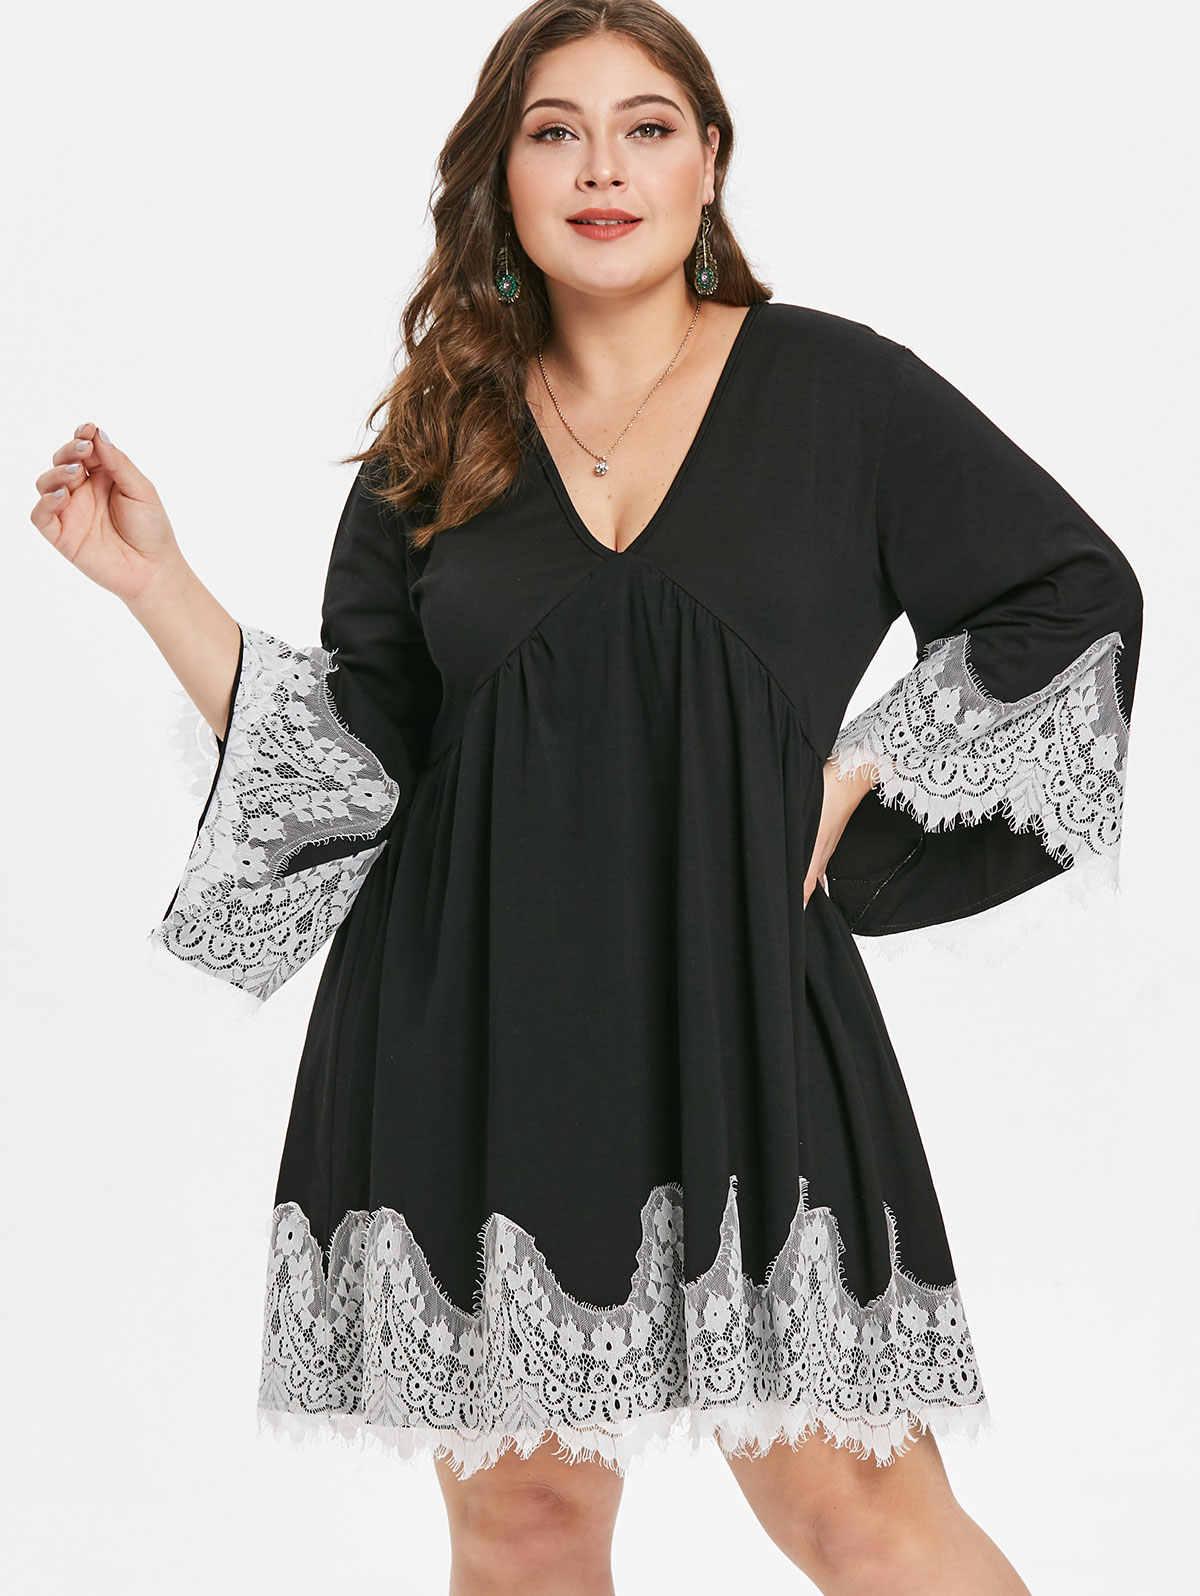 46efa0063b Wipalo Women Plus Size Sheer Lace Sleeve High Low Hem Dress Casual ...